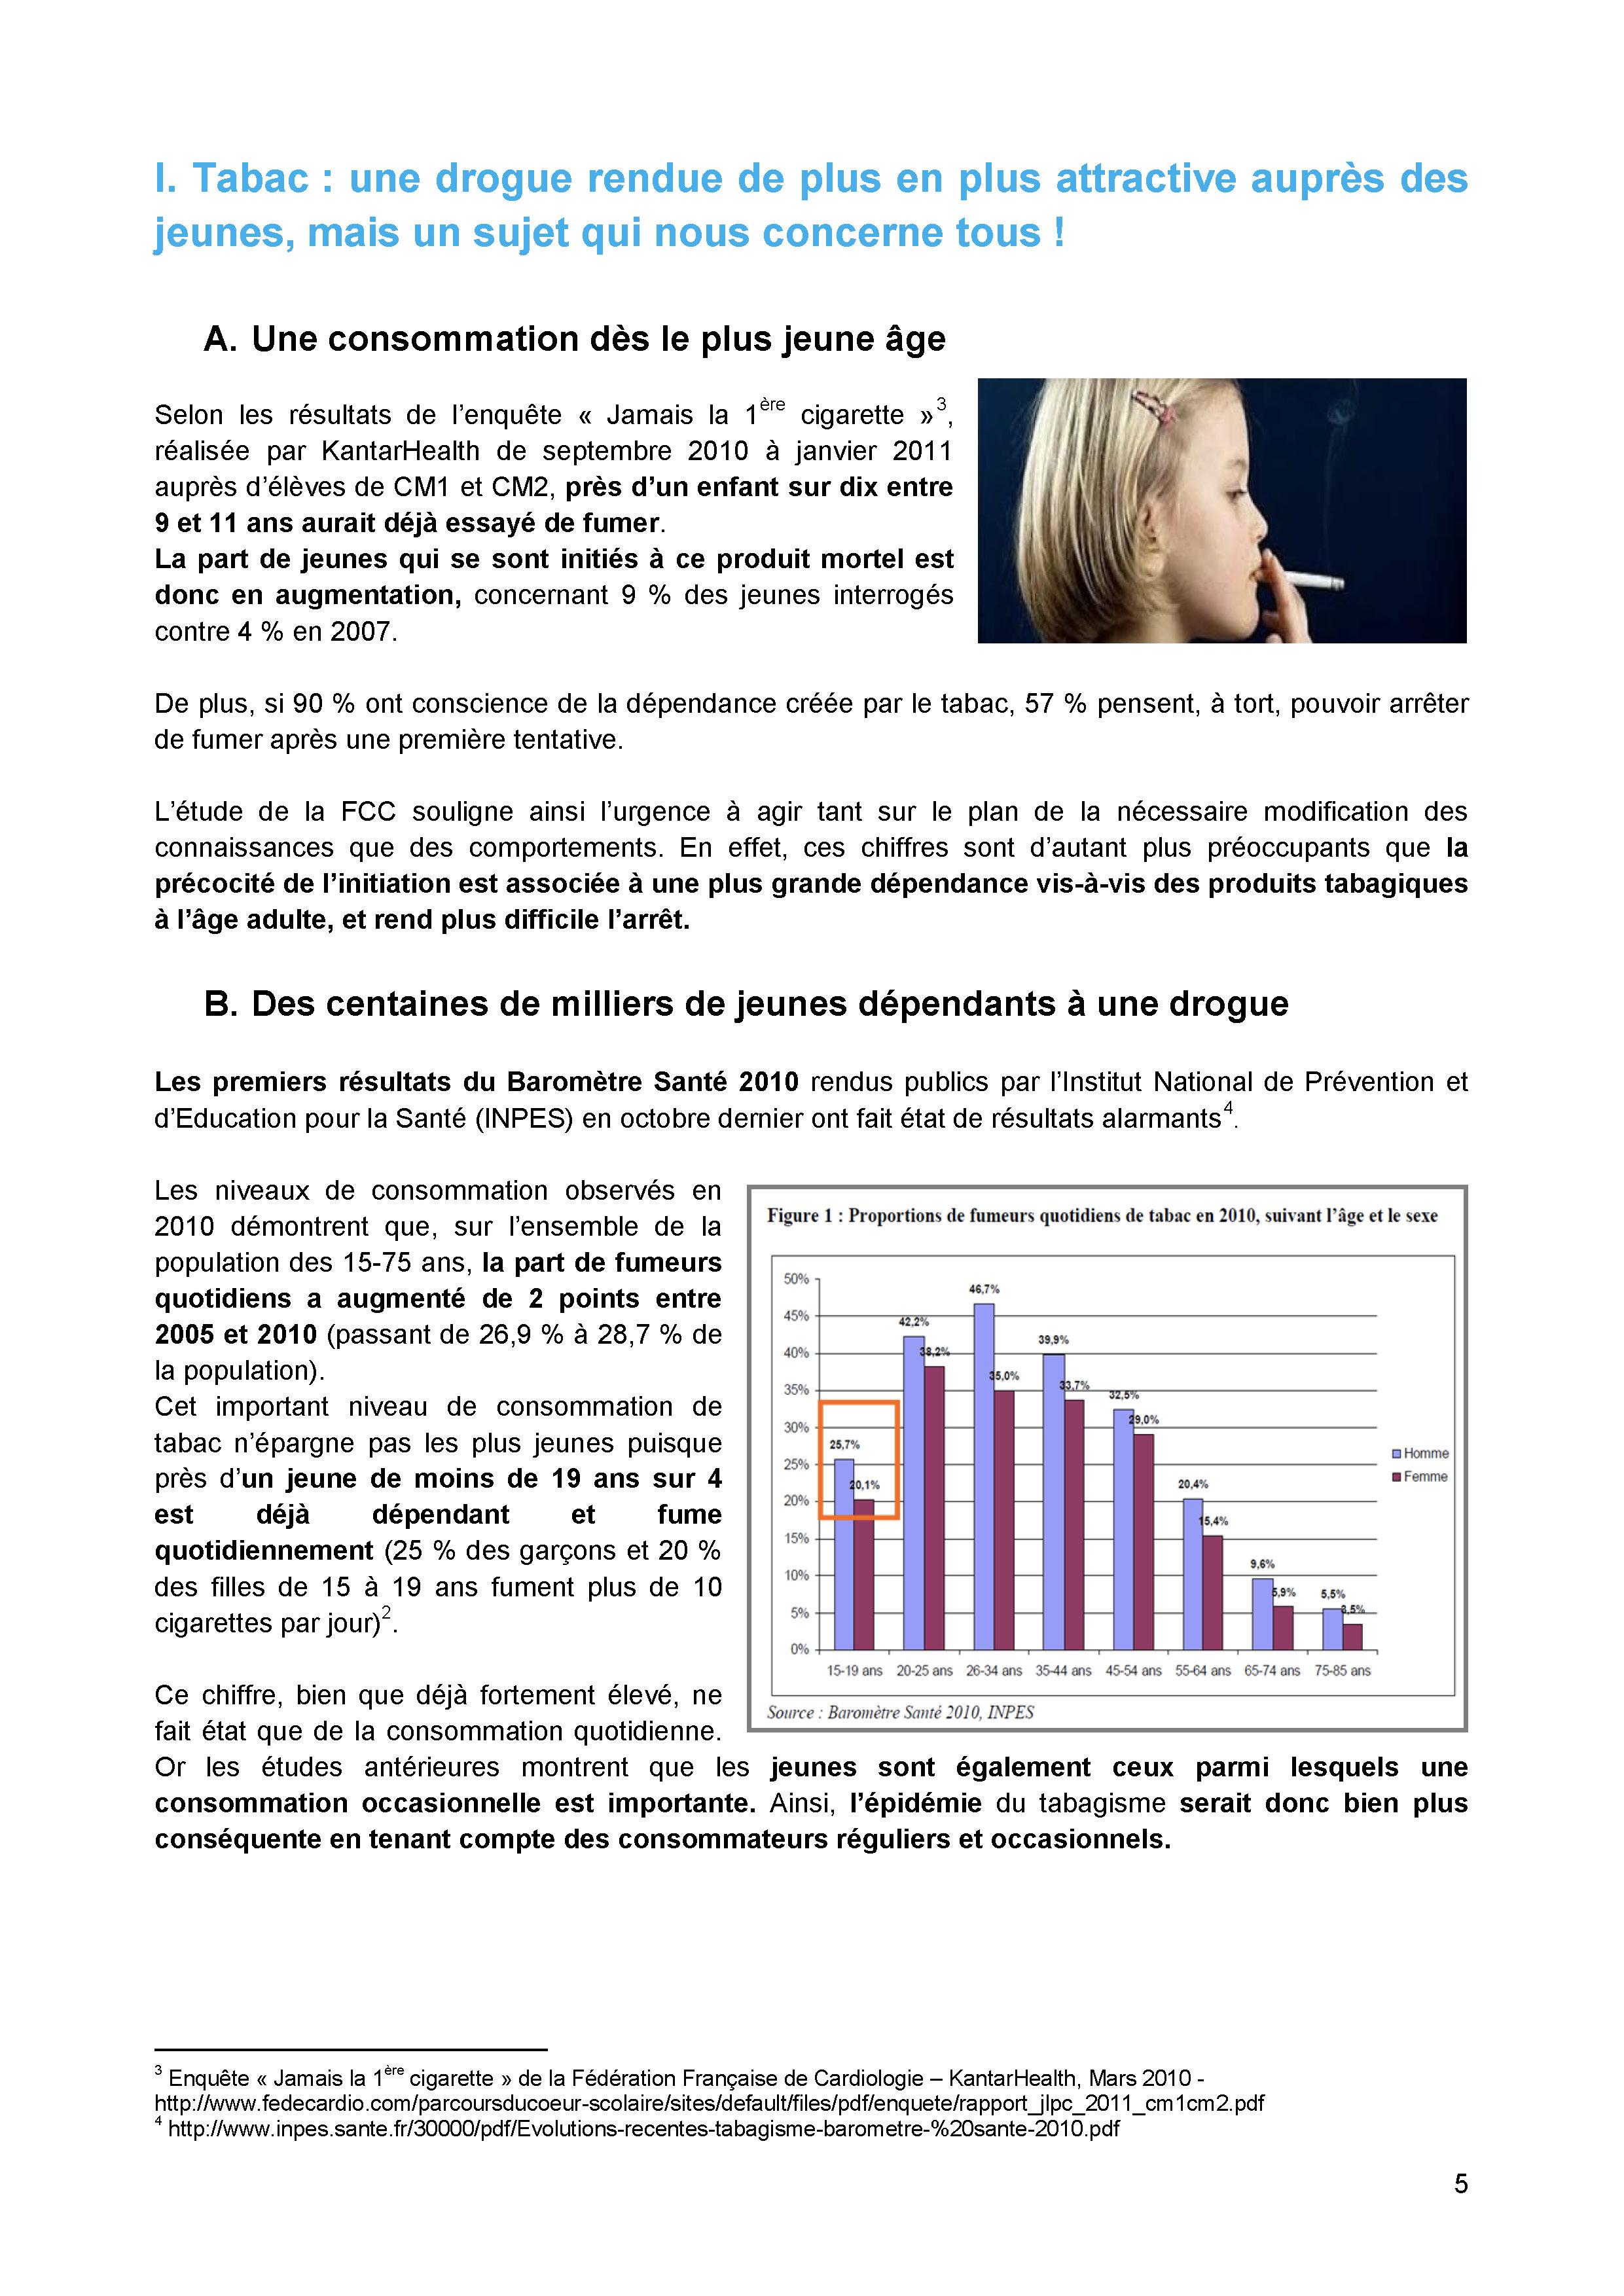 CNCT-DP-l-envers-du-decor-17mai2011_Page_05.jpg